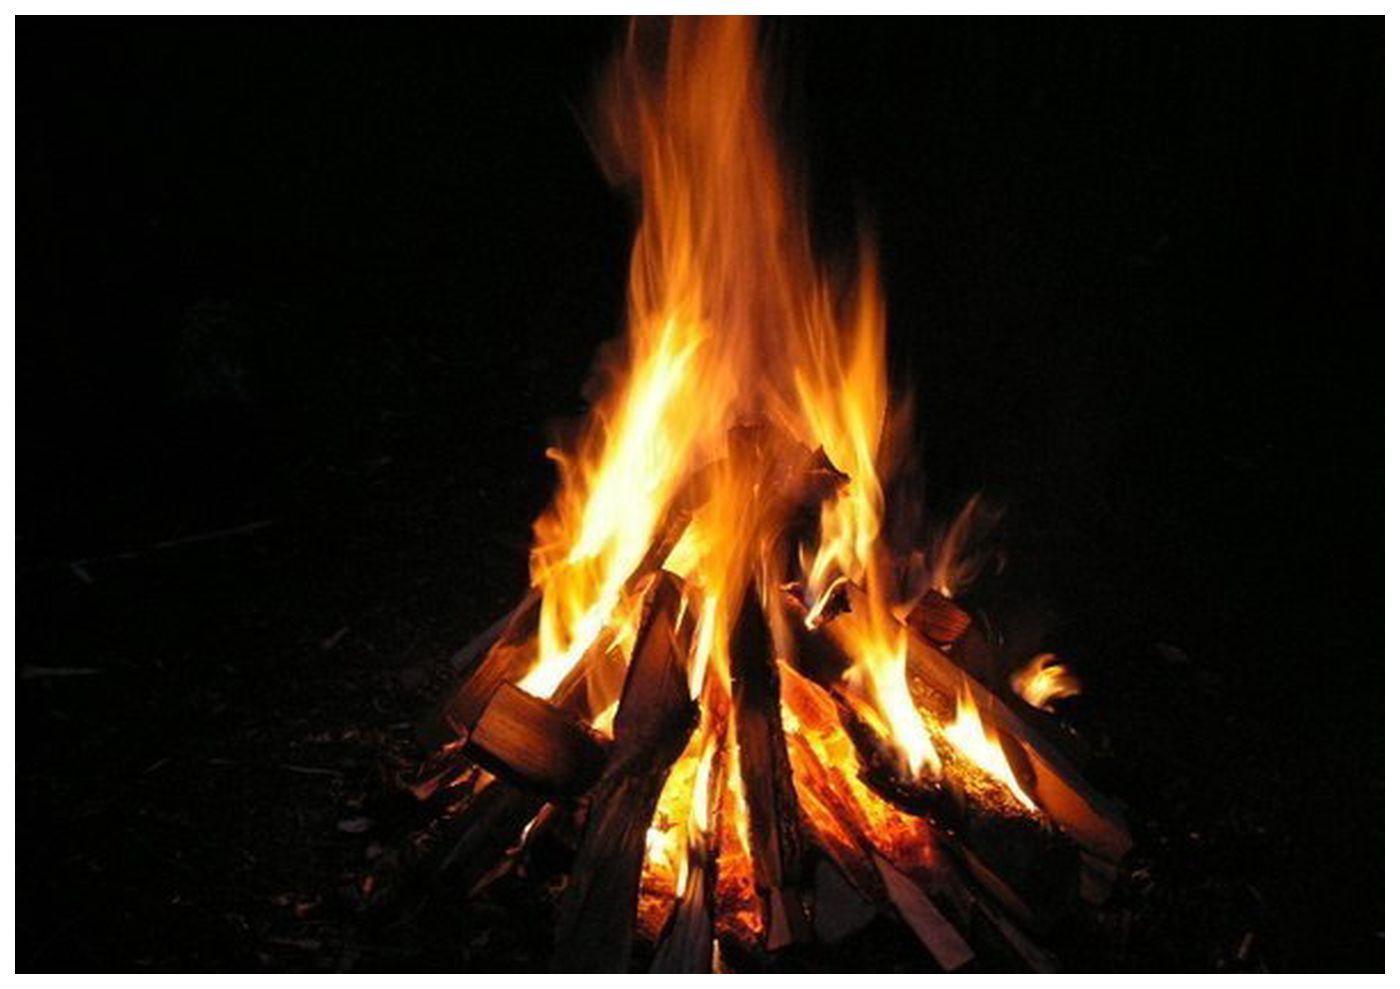 Способ гадания по пламени и дыму от костра Гадание по дыму ...